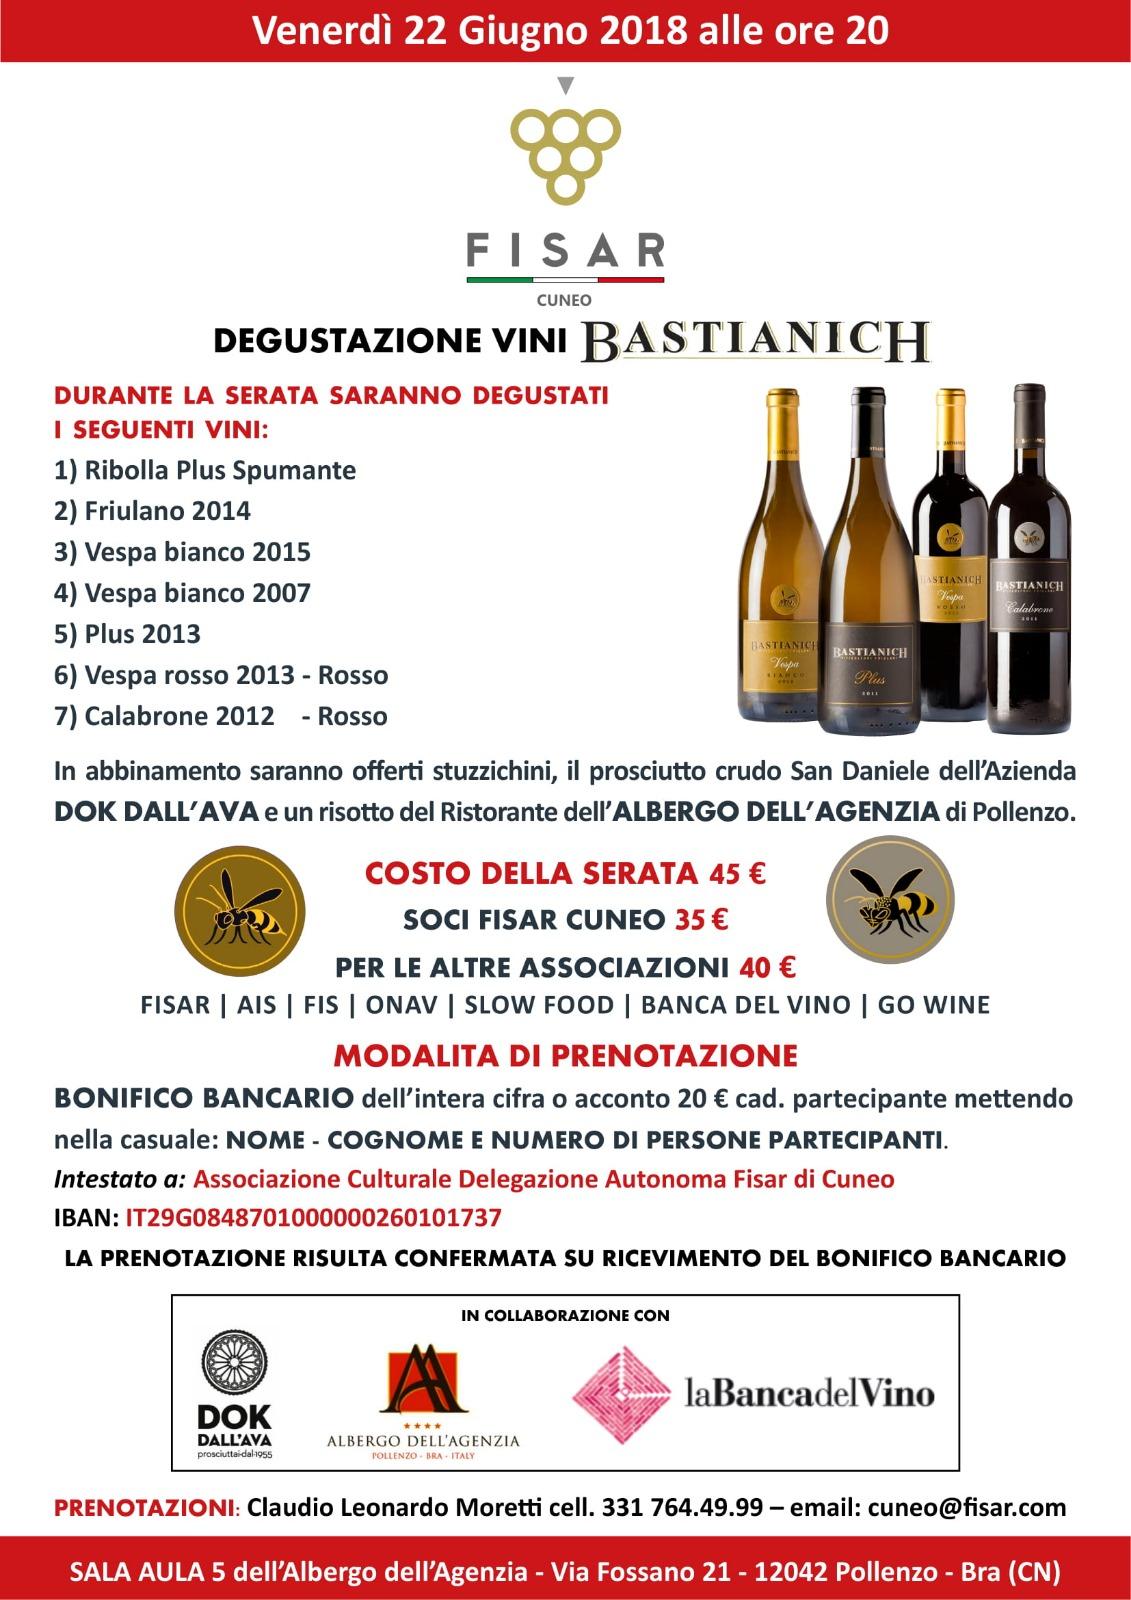 Degustazione dei vini Bastianich a Pollenzo.